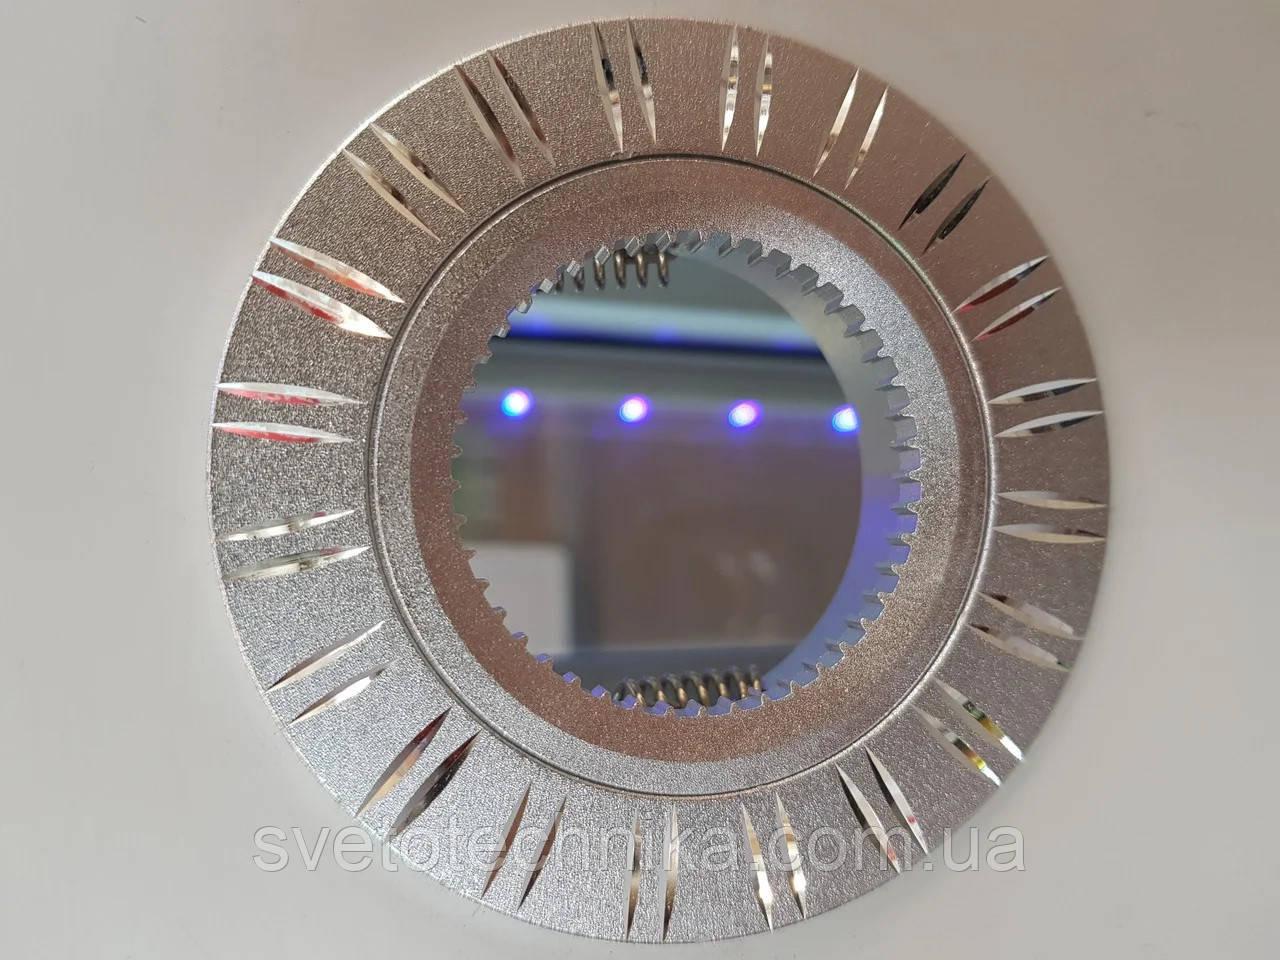 Светильник LNV  (цвет корпуса серебро) встраиваемый неповоротный